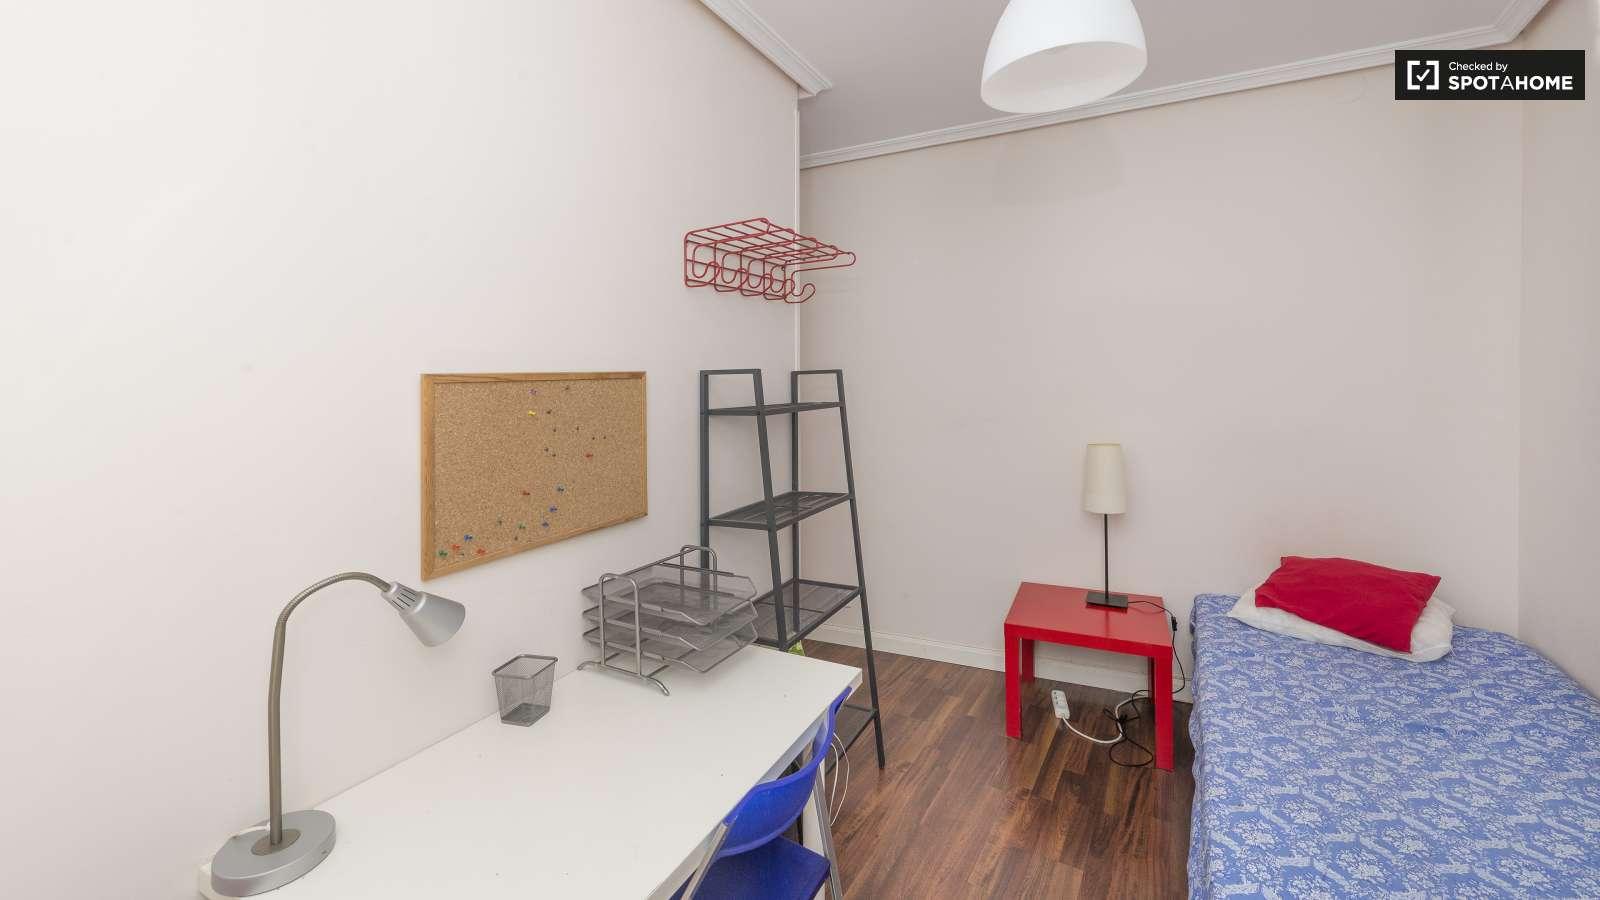 Acogedora habitaci n en piso compartido en delicias for Pisos en delicias madrid